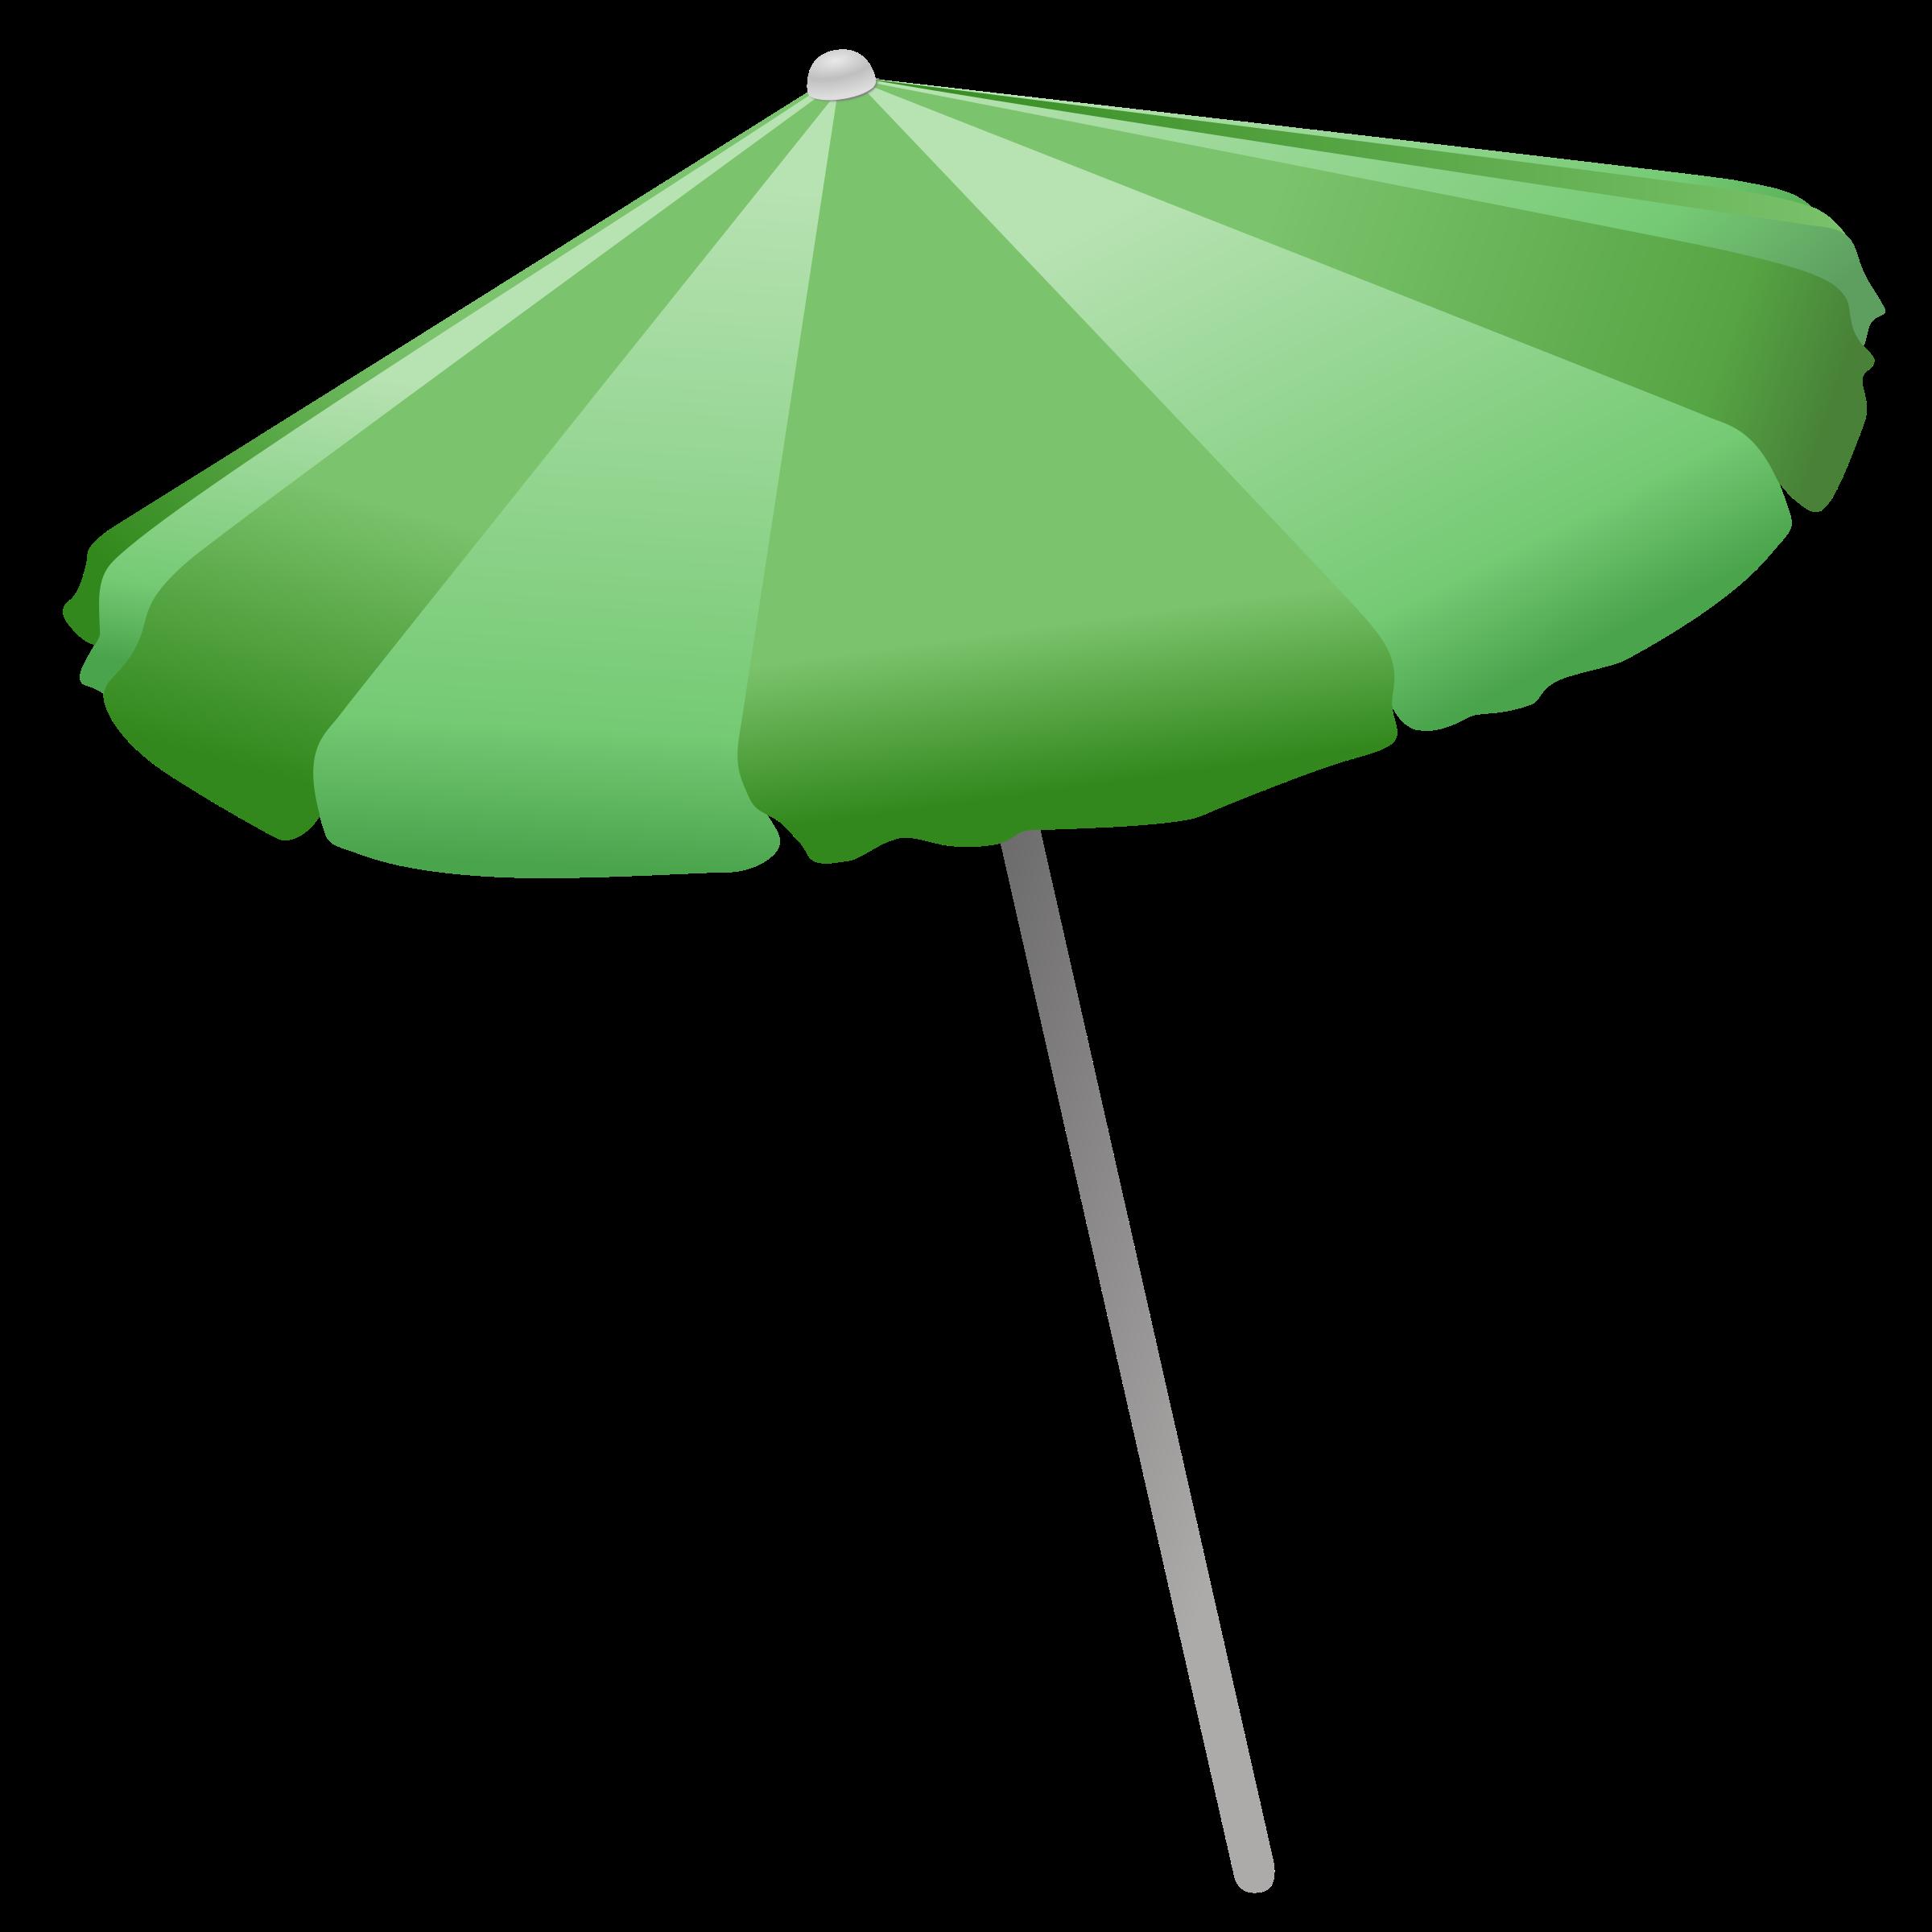 picture stock Beach umbrella big image. 7 clipart sun shades